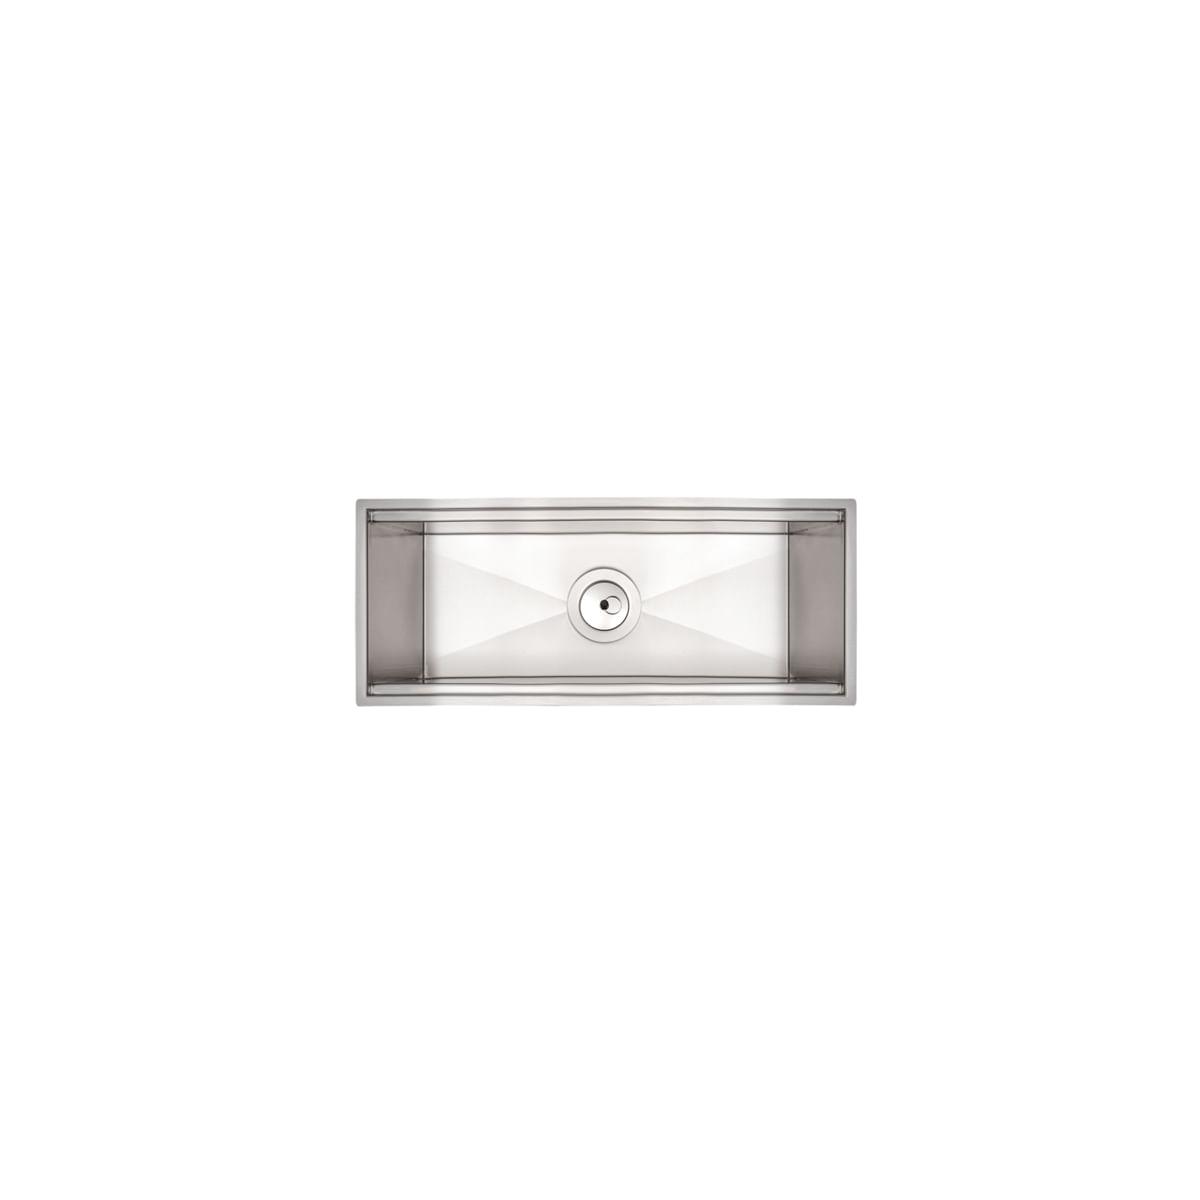 Calha Úmida para Sobrepor Tramontina 45 x 18 cm Aço Inox com Acabamento Scotch Brite